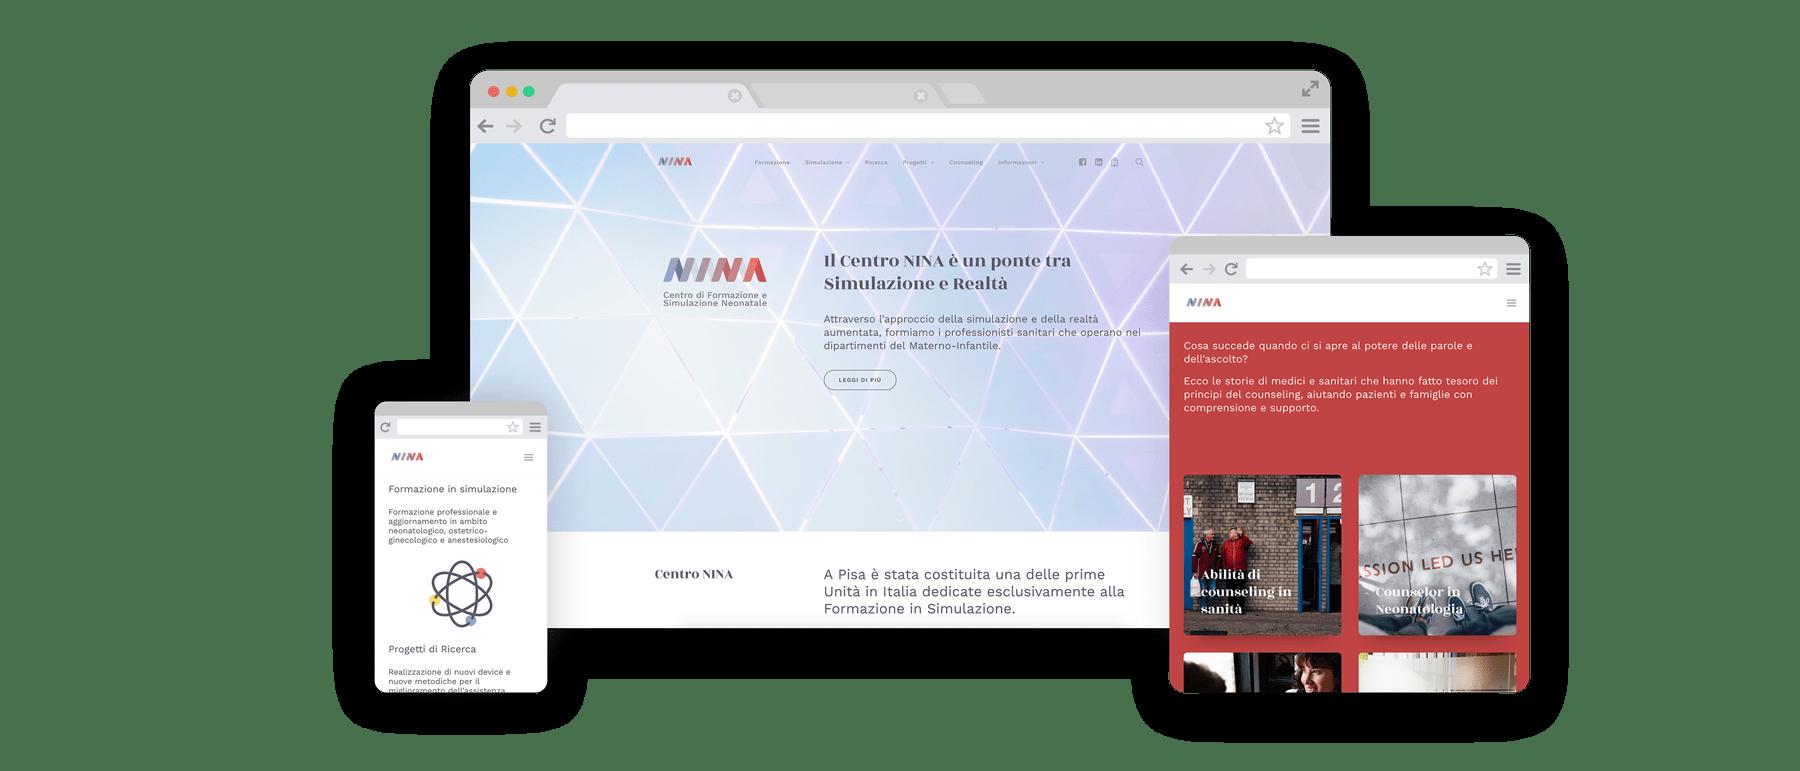 Centro NINA website